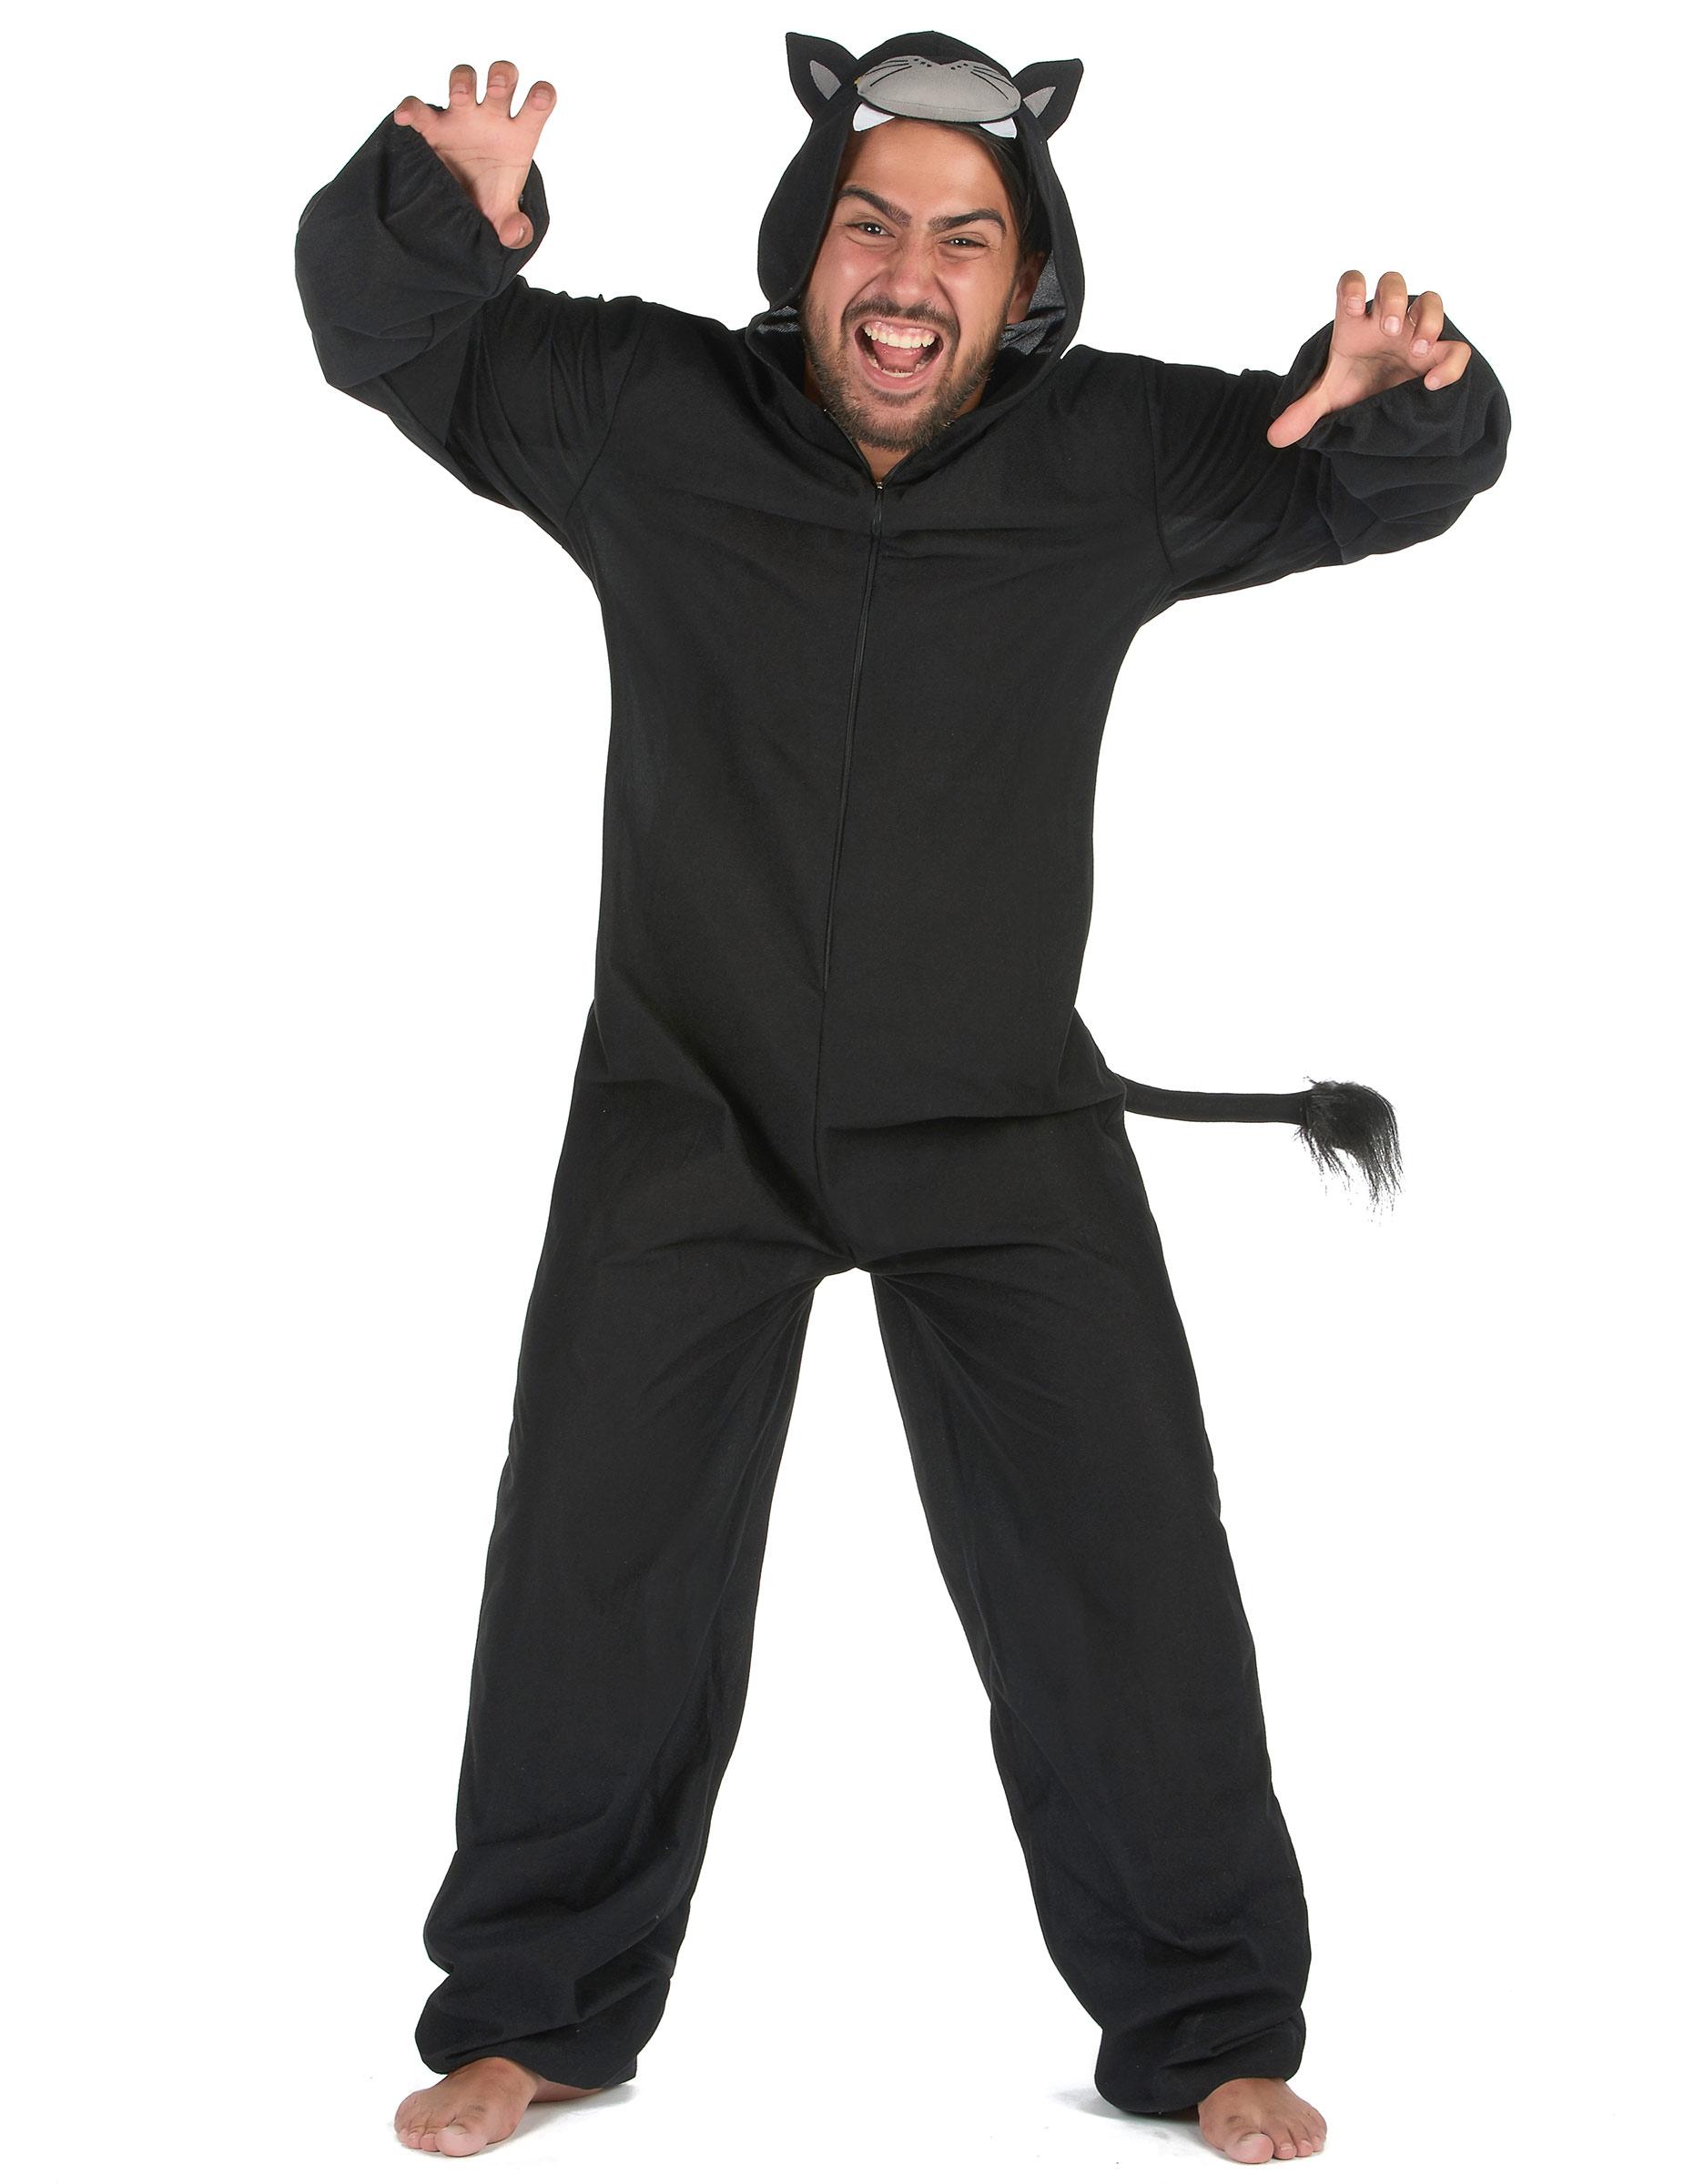 565d36d46db Zwart panter onesie kostuum voor mannen: Volwassenen kostuums,en ...